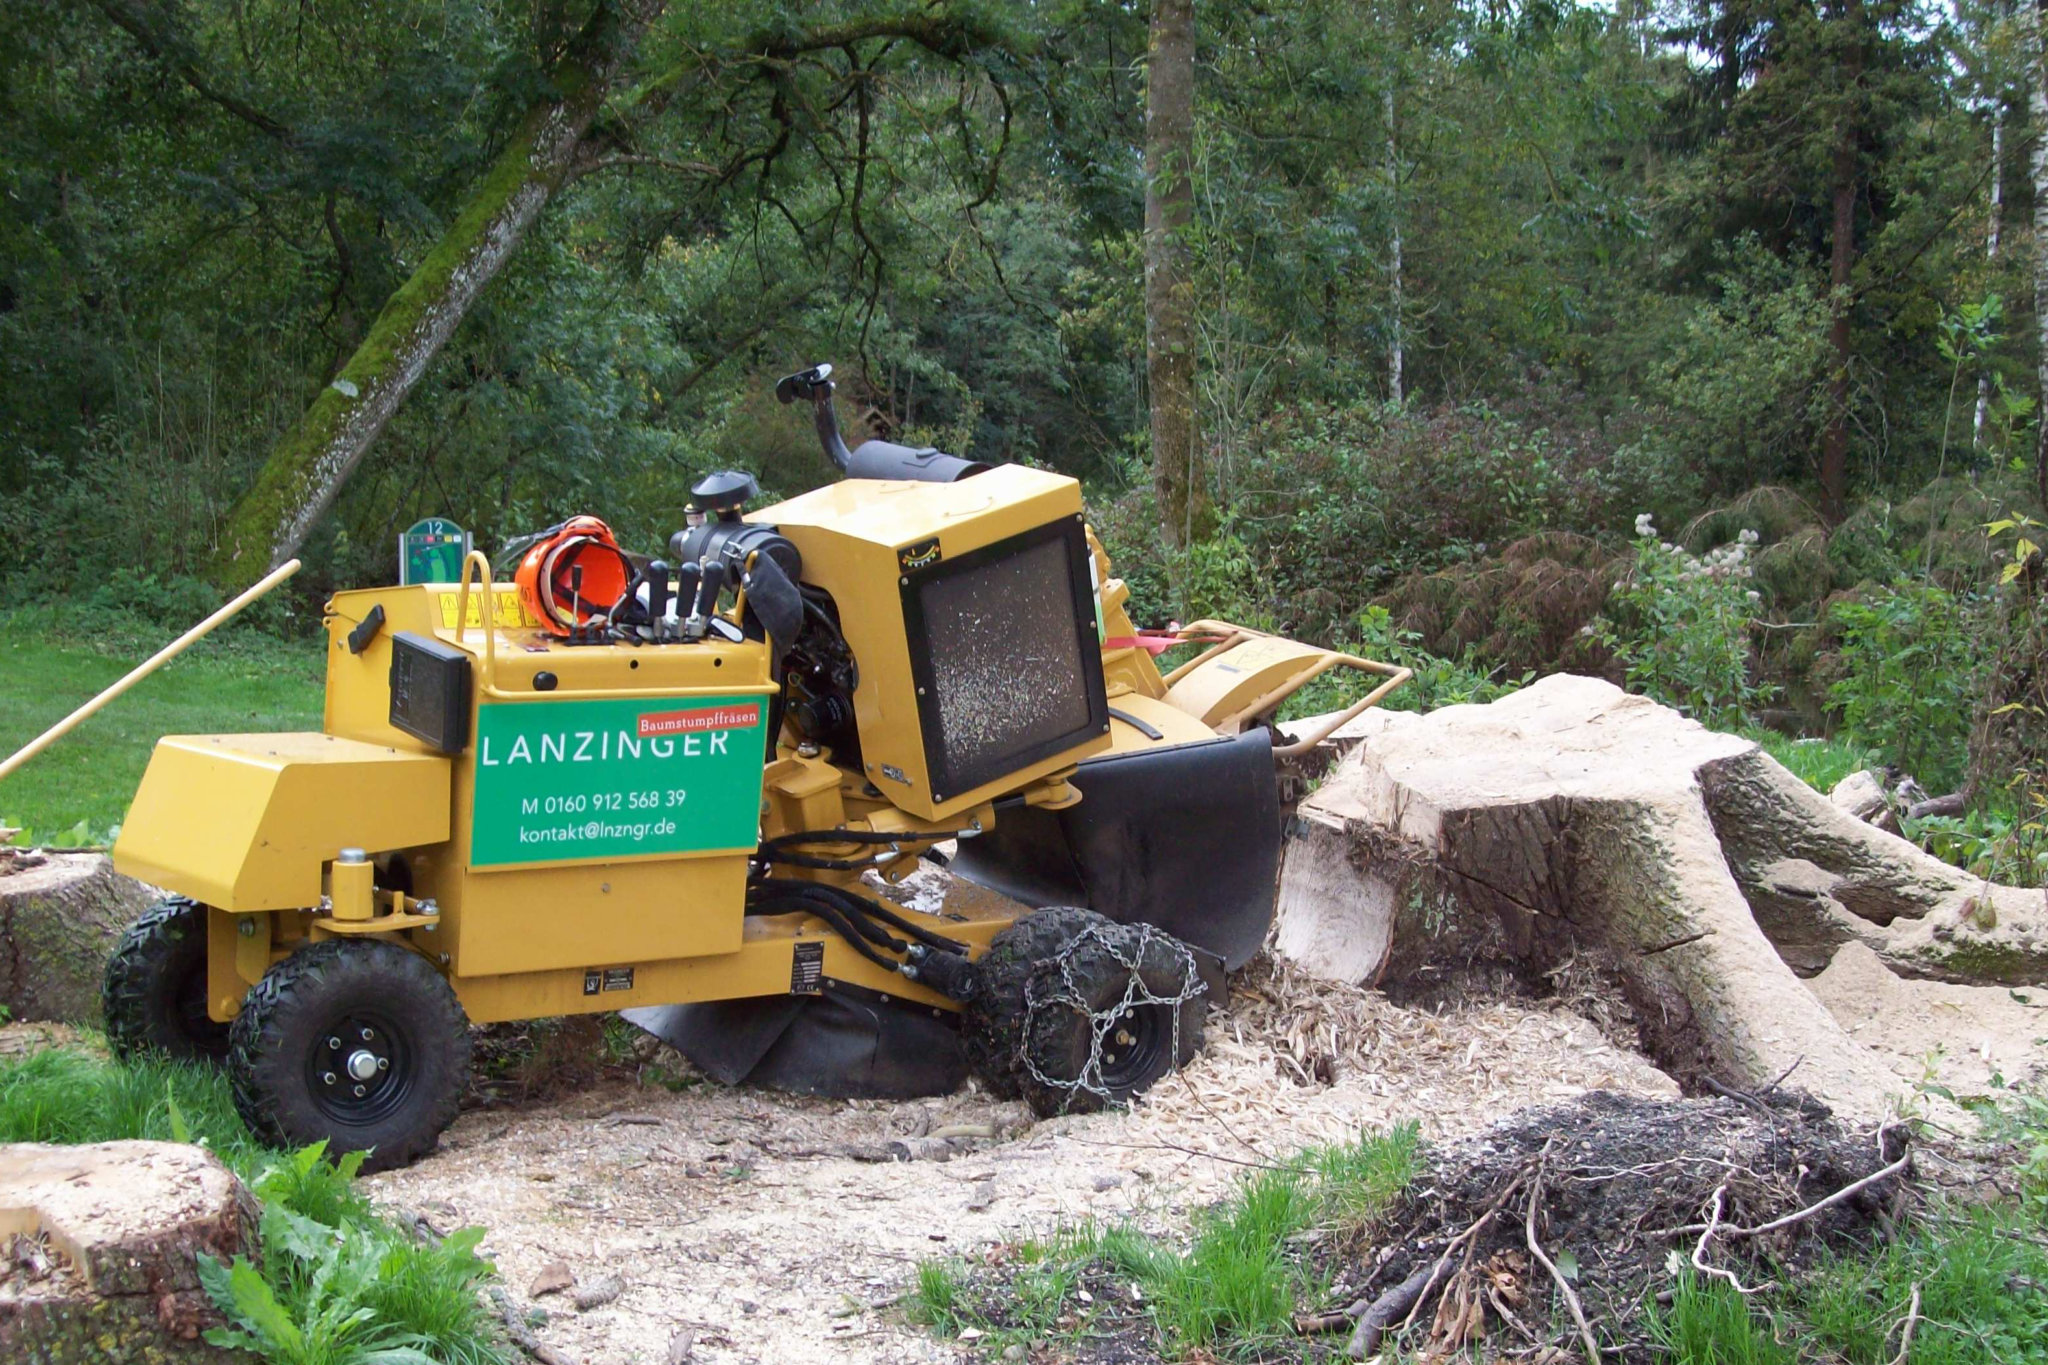 Baumstumpffräse von Lanzinger in Aktion an großem Wurzelstock